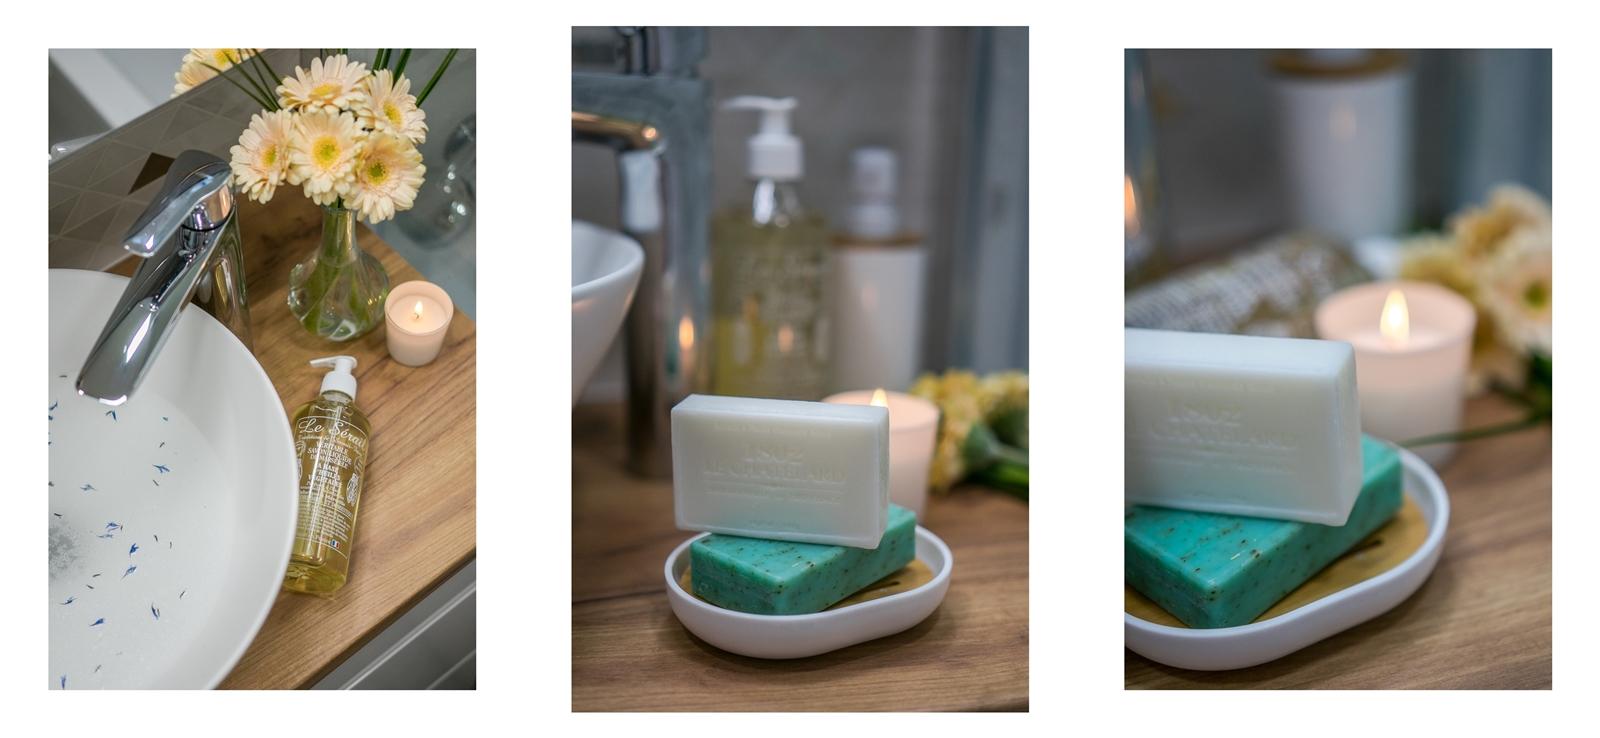 4a naturalne mydła jakie najlepsze mydło dla alergików mydła na trądzik tanie mydła marsylskie z aleppo co to jest mydło naturalne jakich składników unikać w mydle mydło w płynie czy mydło w kostce